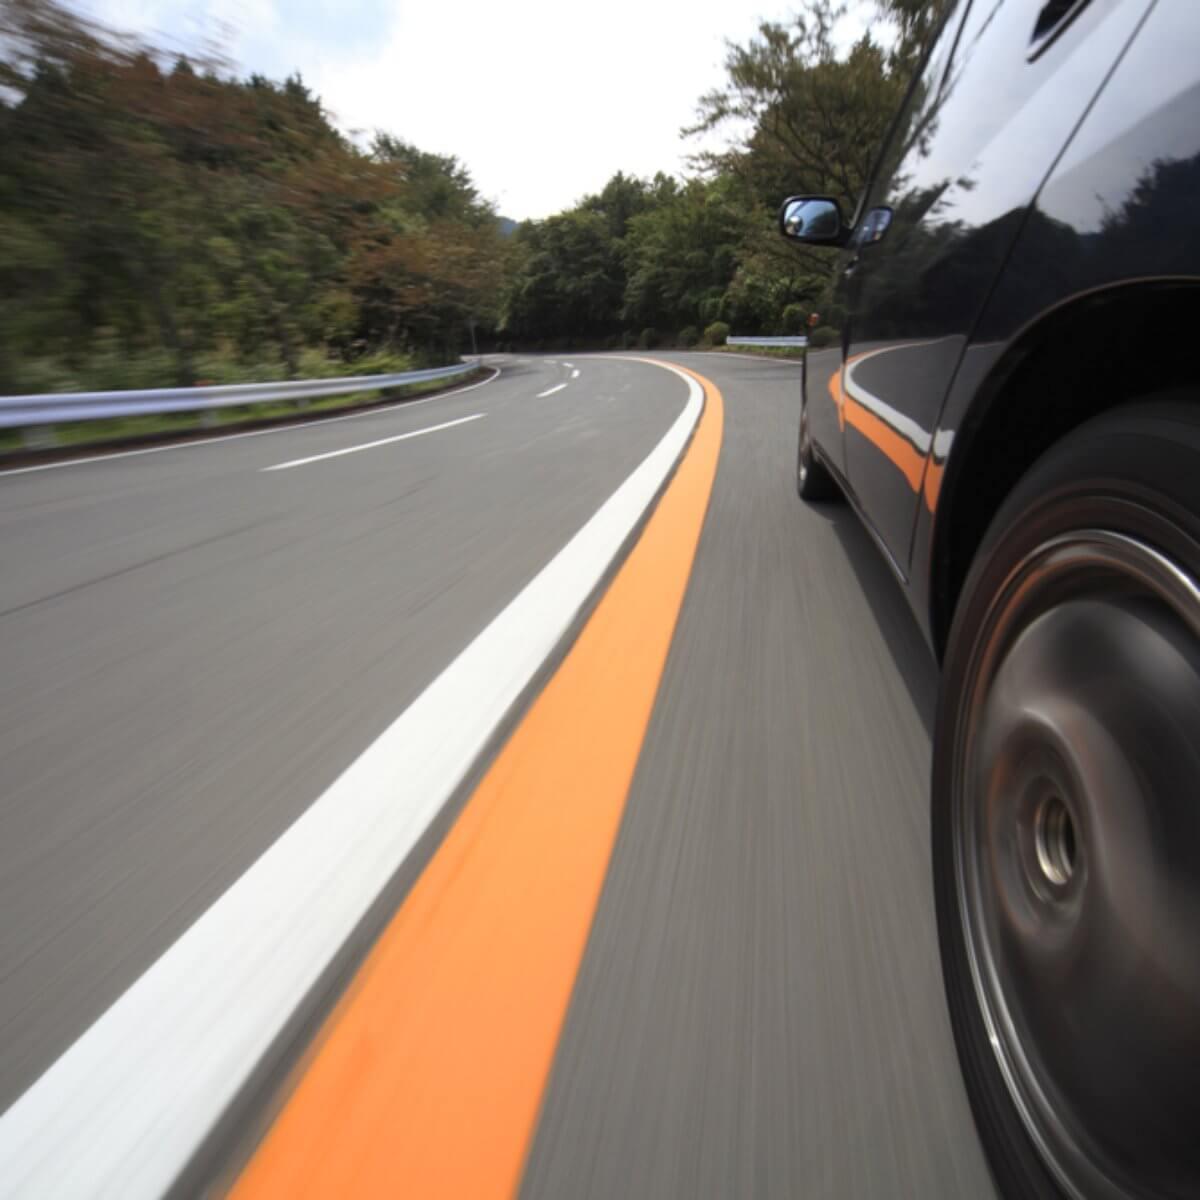 Carro andando no asfalto